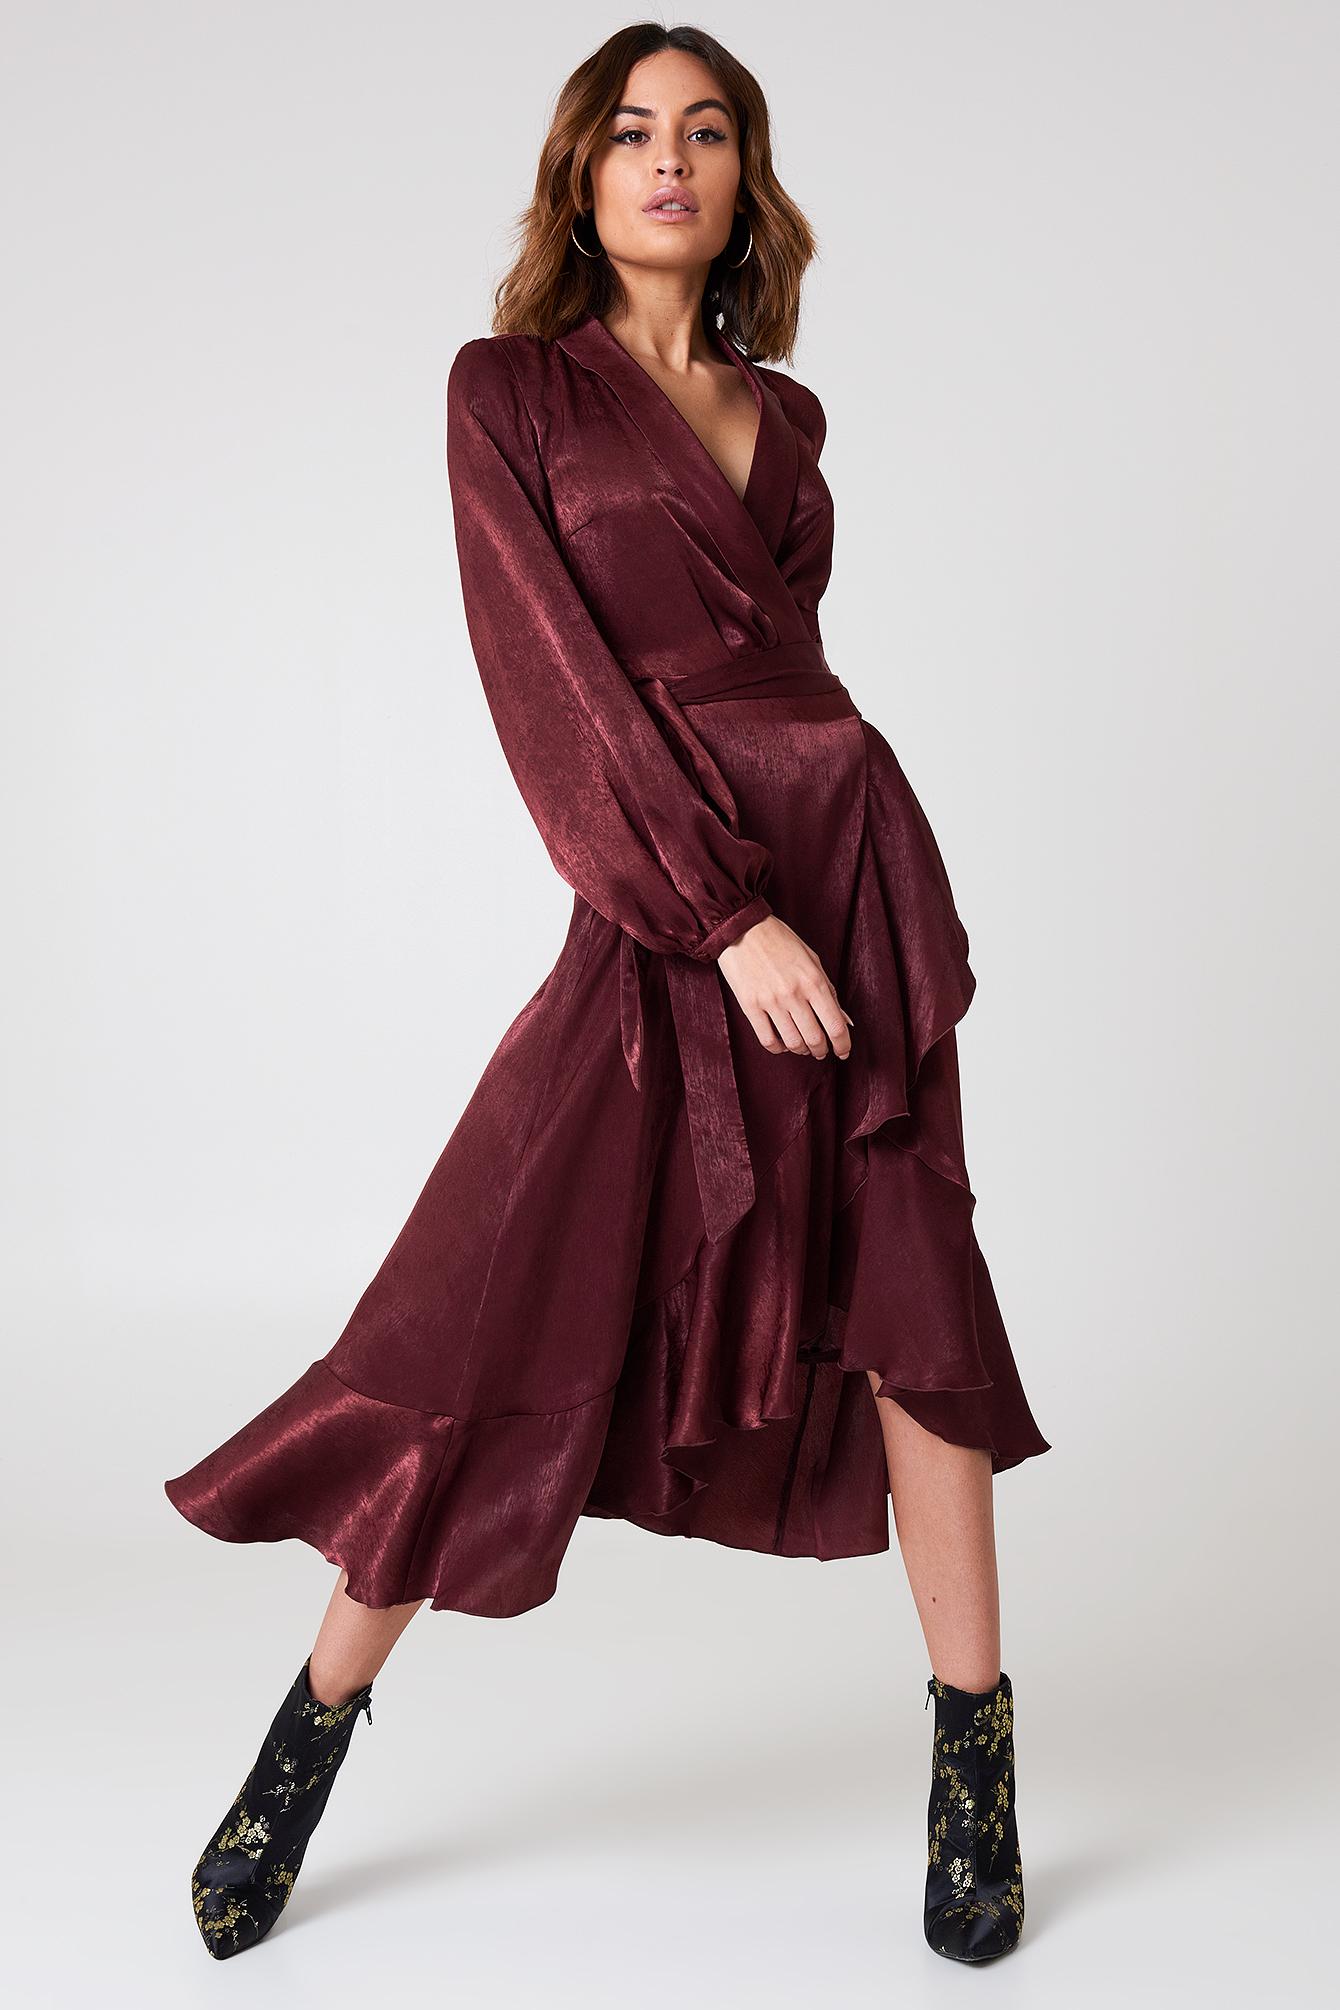 Grun Vintage Kleid Top Grun Kleid Top Vintage OXkuZiP